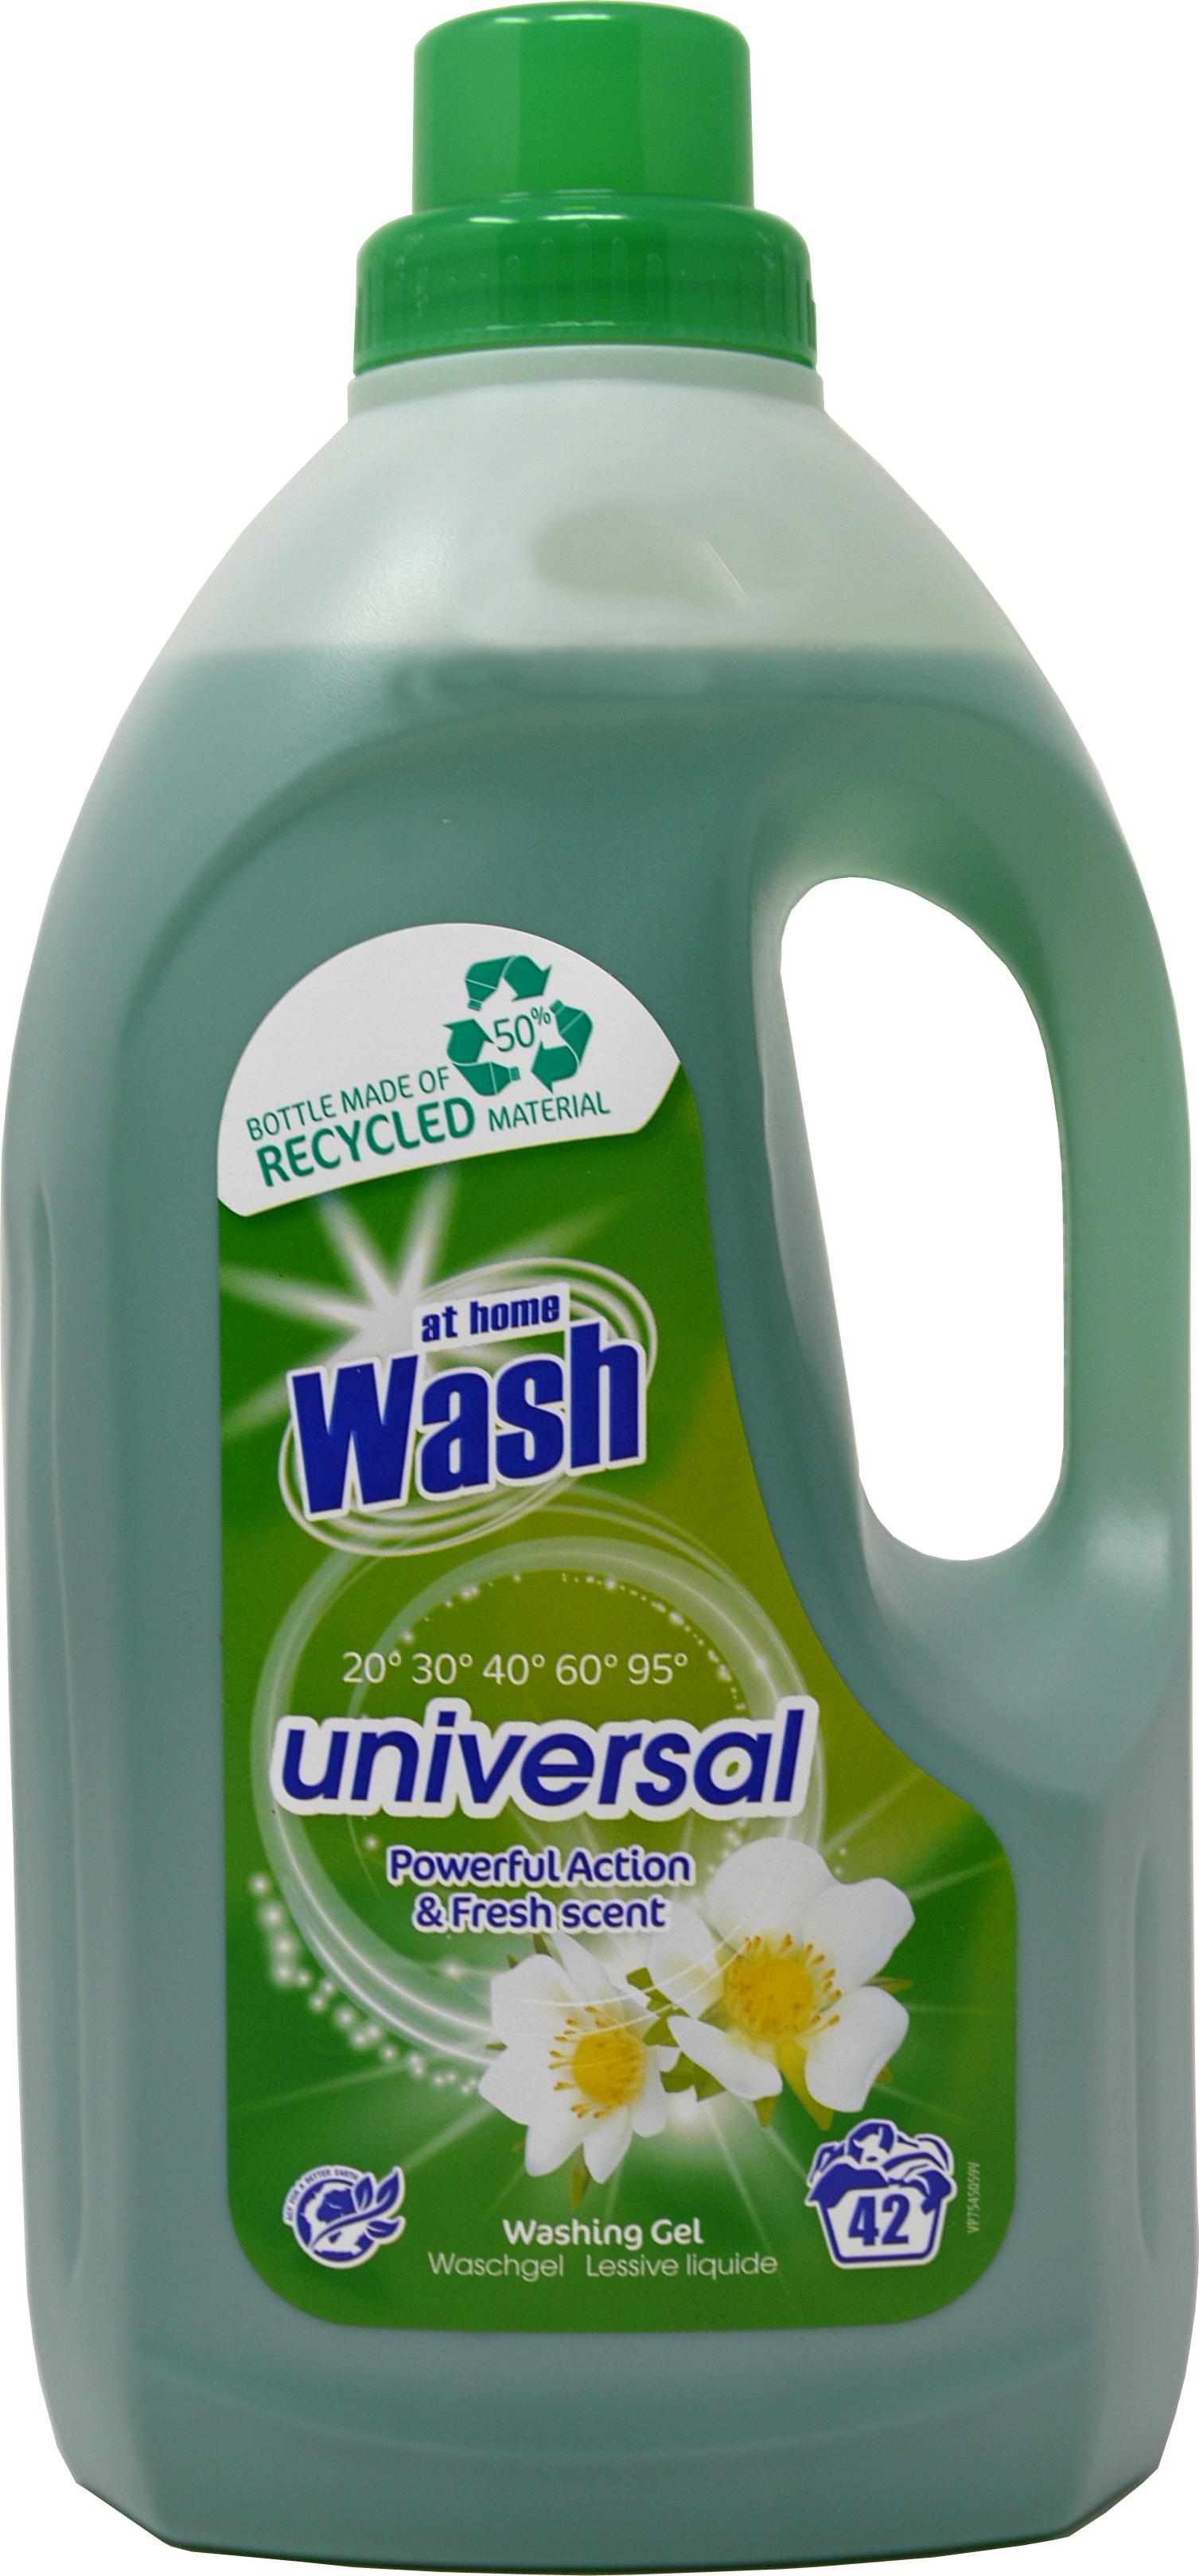 04053 - Flüssigwaschmittel Universal 1,5 L, 42 WL